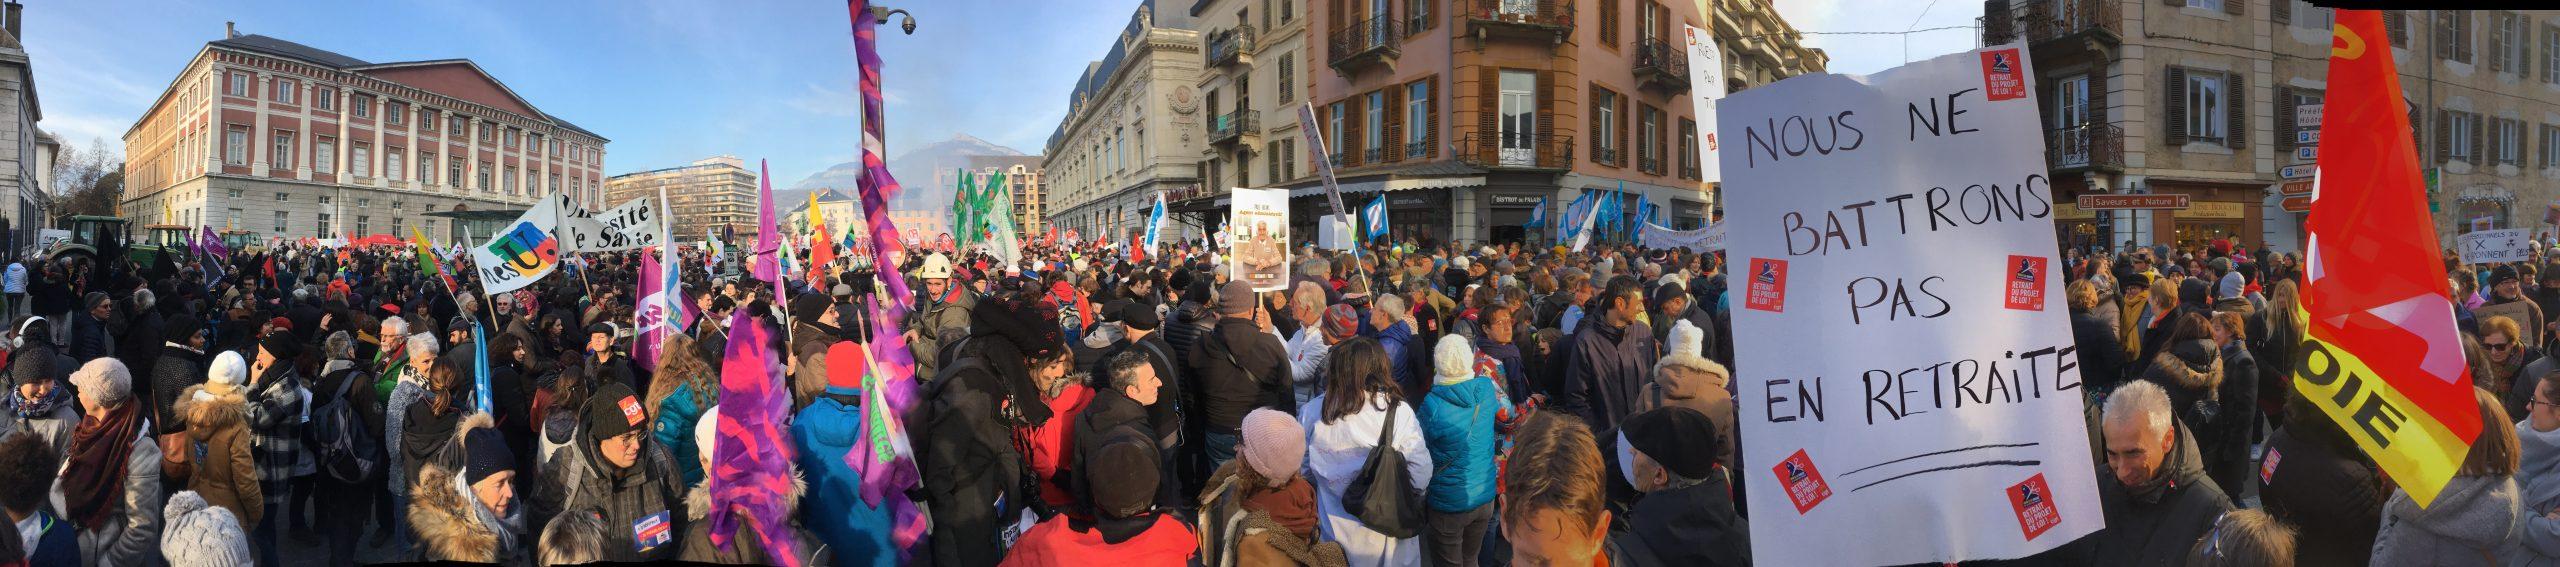 Manifestation du 5 décembre à Chambéry